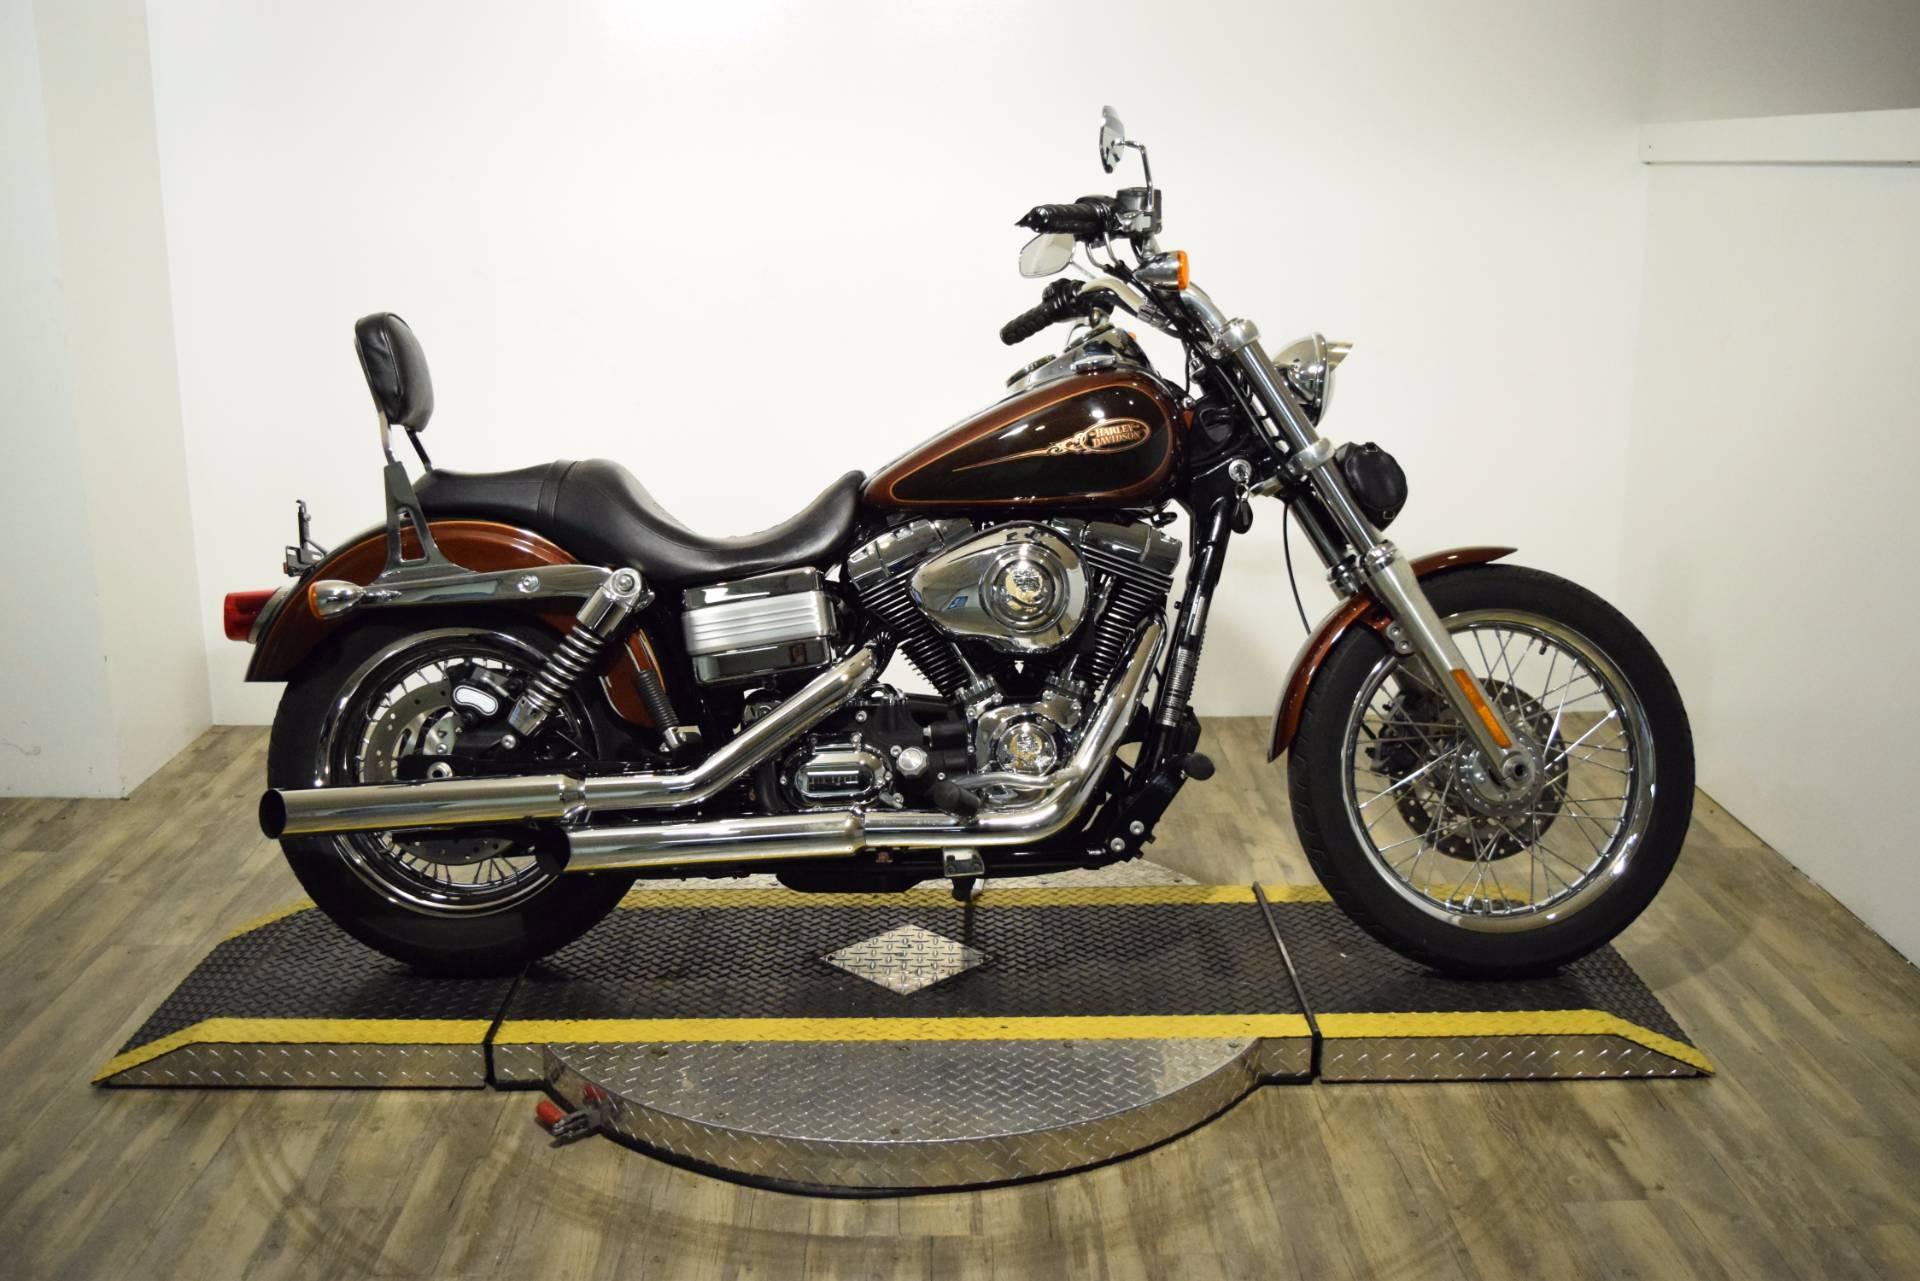 2009 Harley-Davidson Dyna Low Rider 1